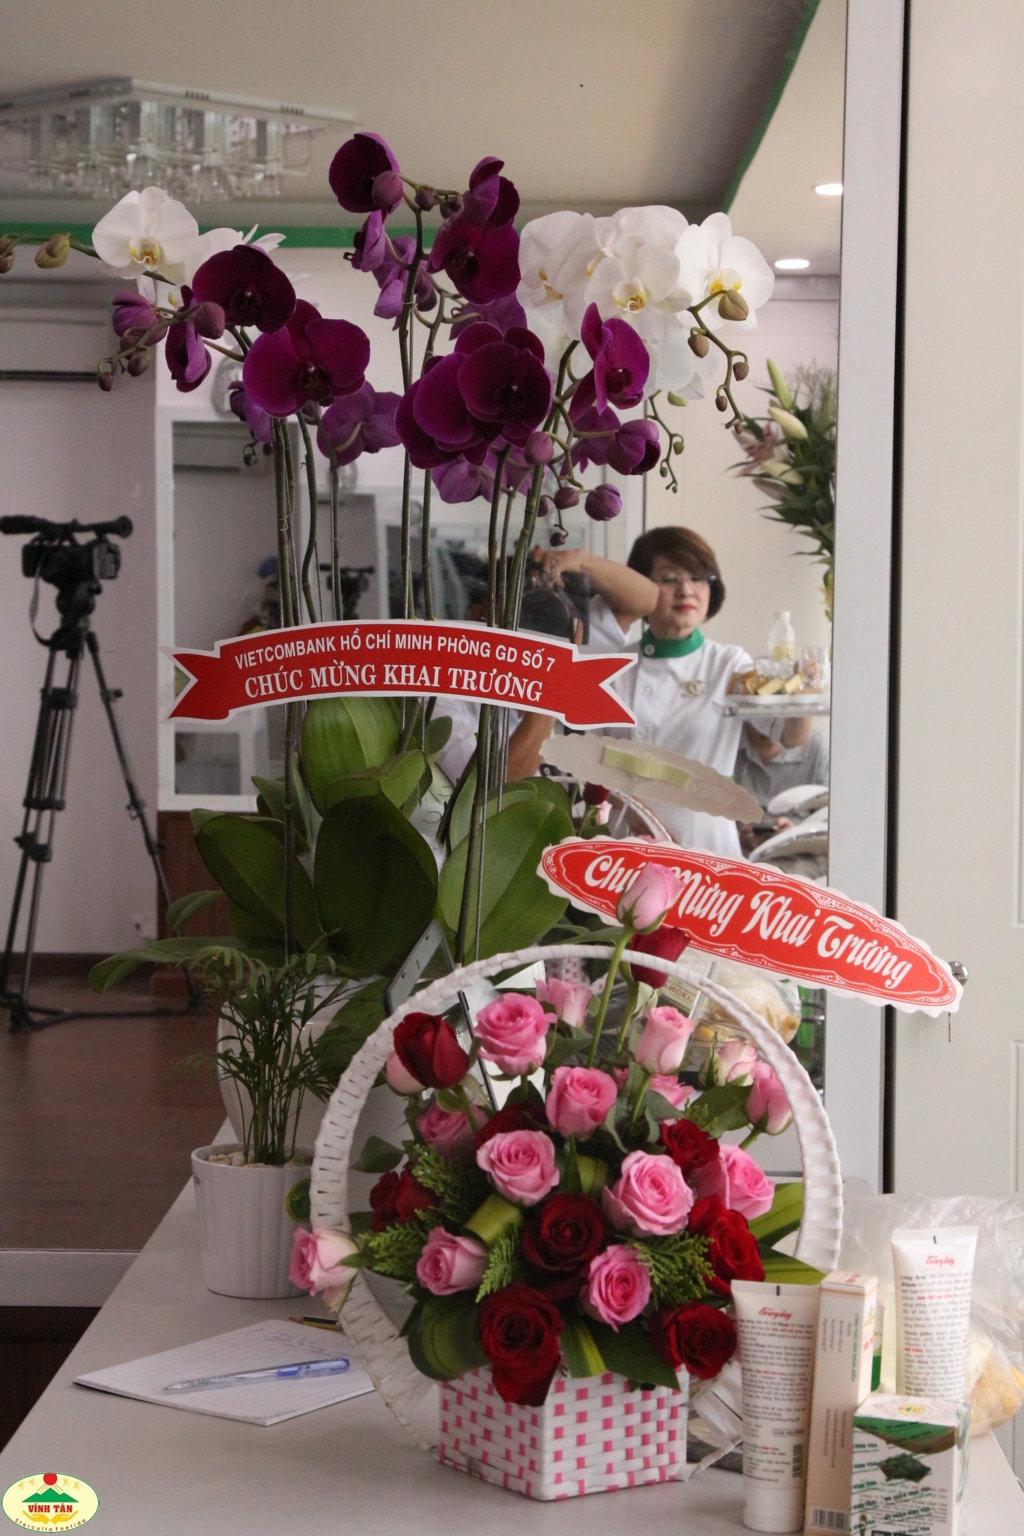 Mỹ Phẩm Vĩnh Tân khai trương Spa tại TP Nha Trang - Khánh Hòa